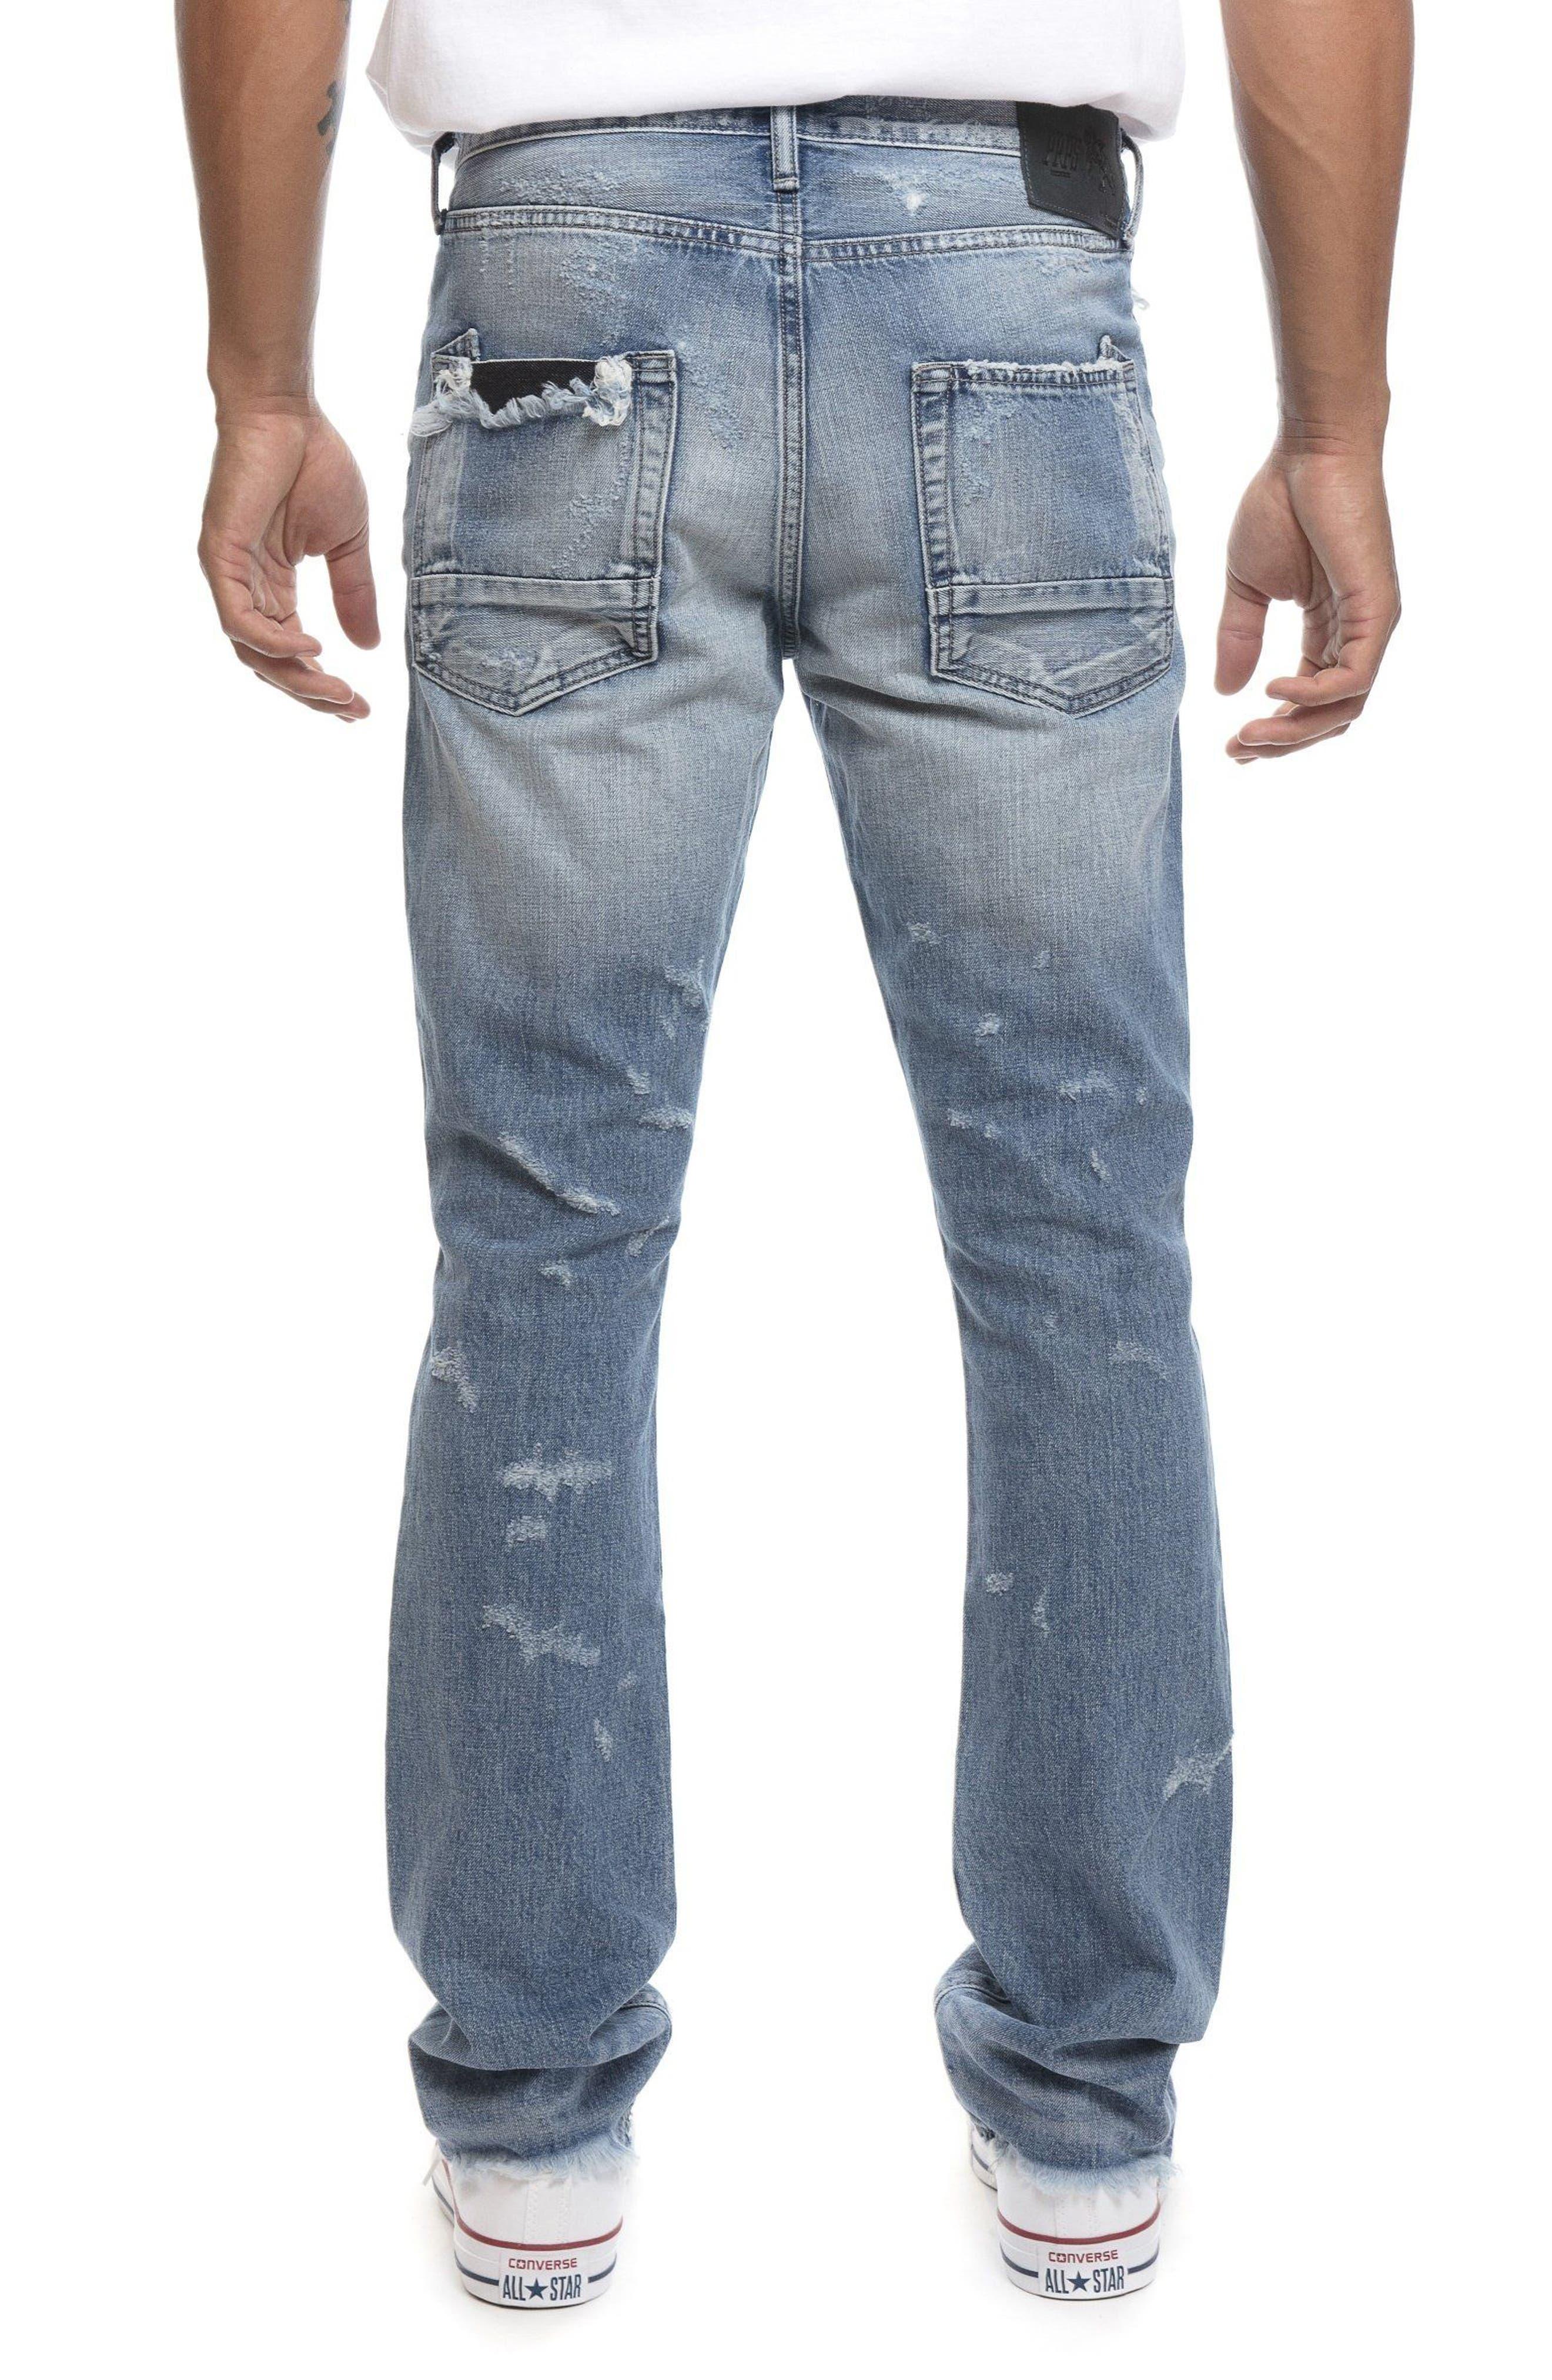 Demon Slim Straight Leg Jeans,                             Alternate thumbnail 2, color,                             454